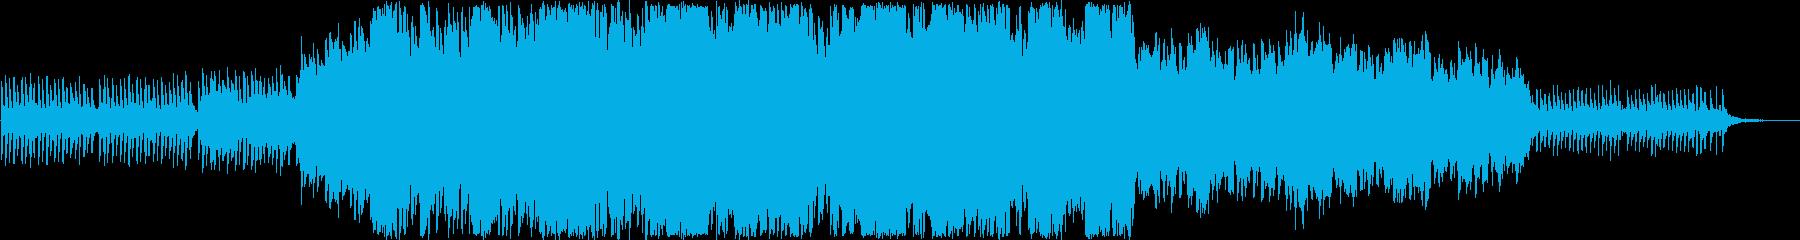 【涙・感動・壮大】ピアノオーケストラの再生済みの波形